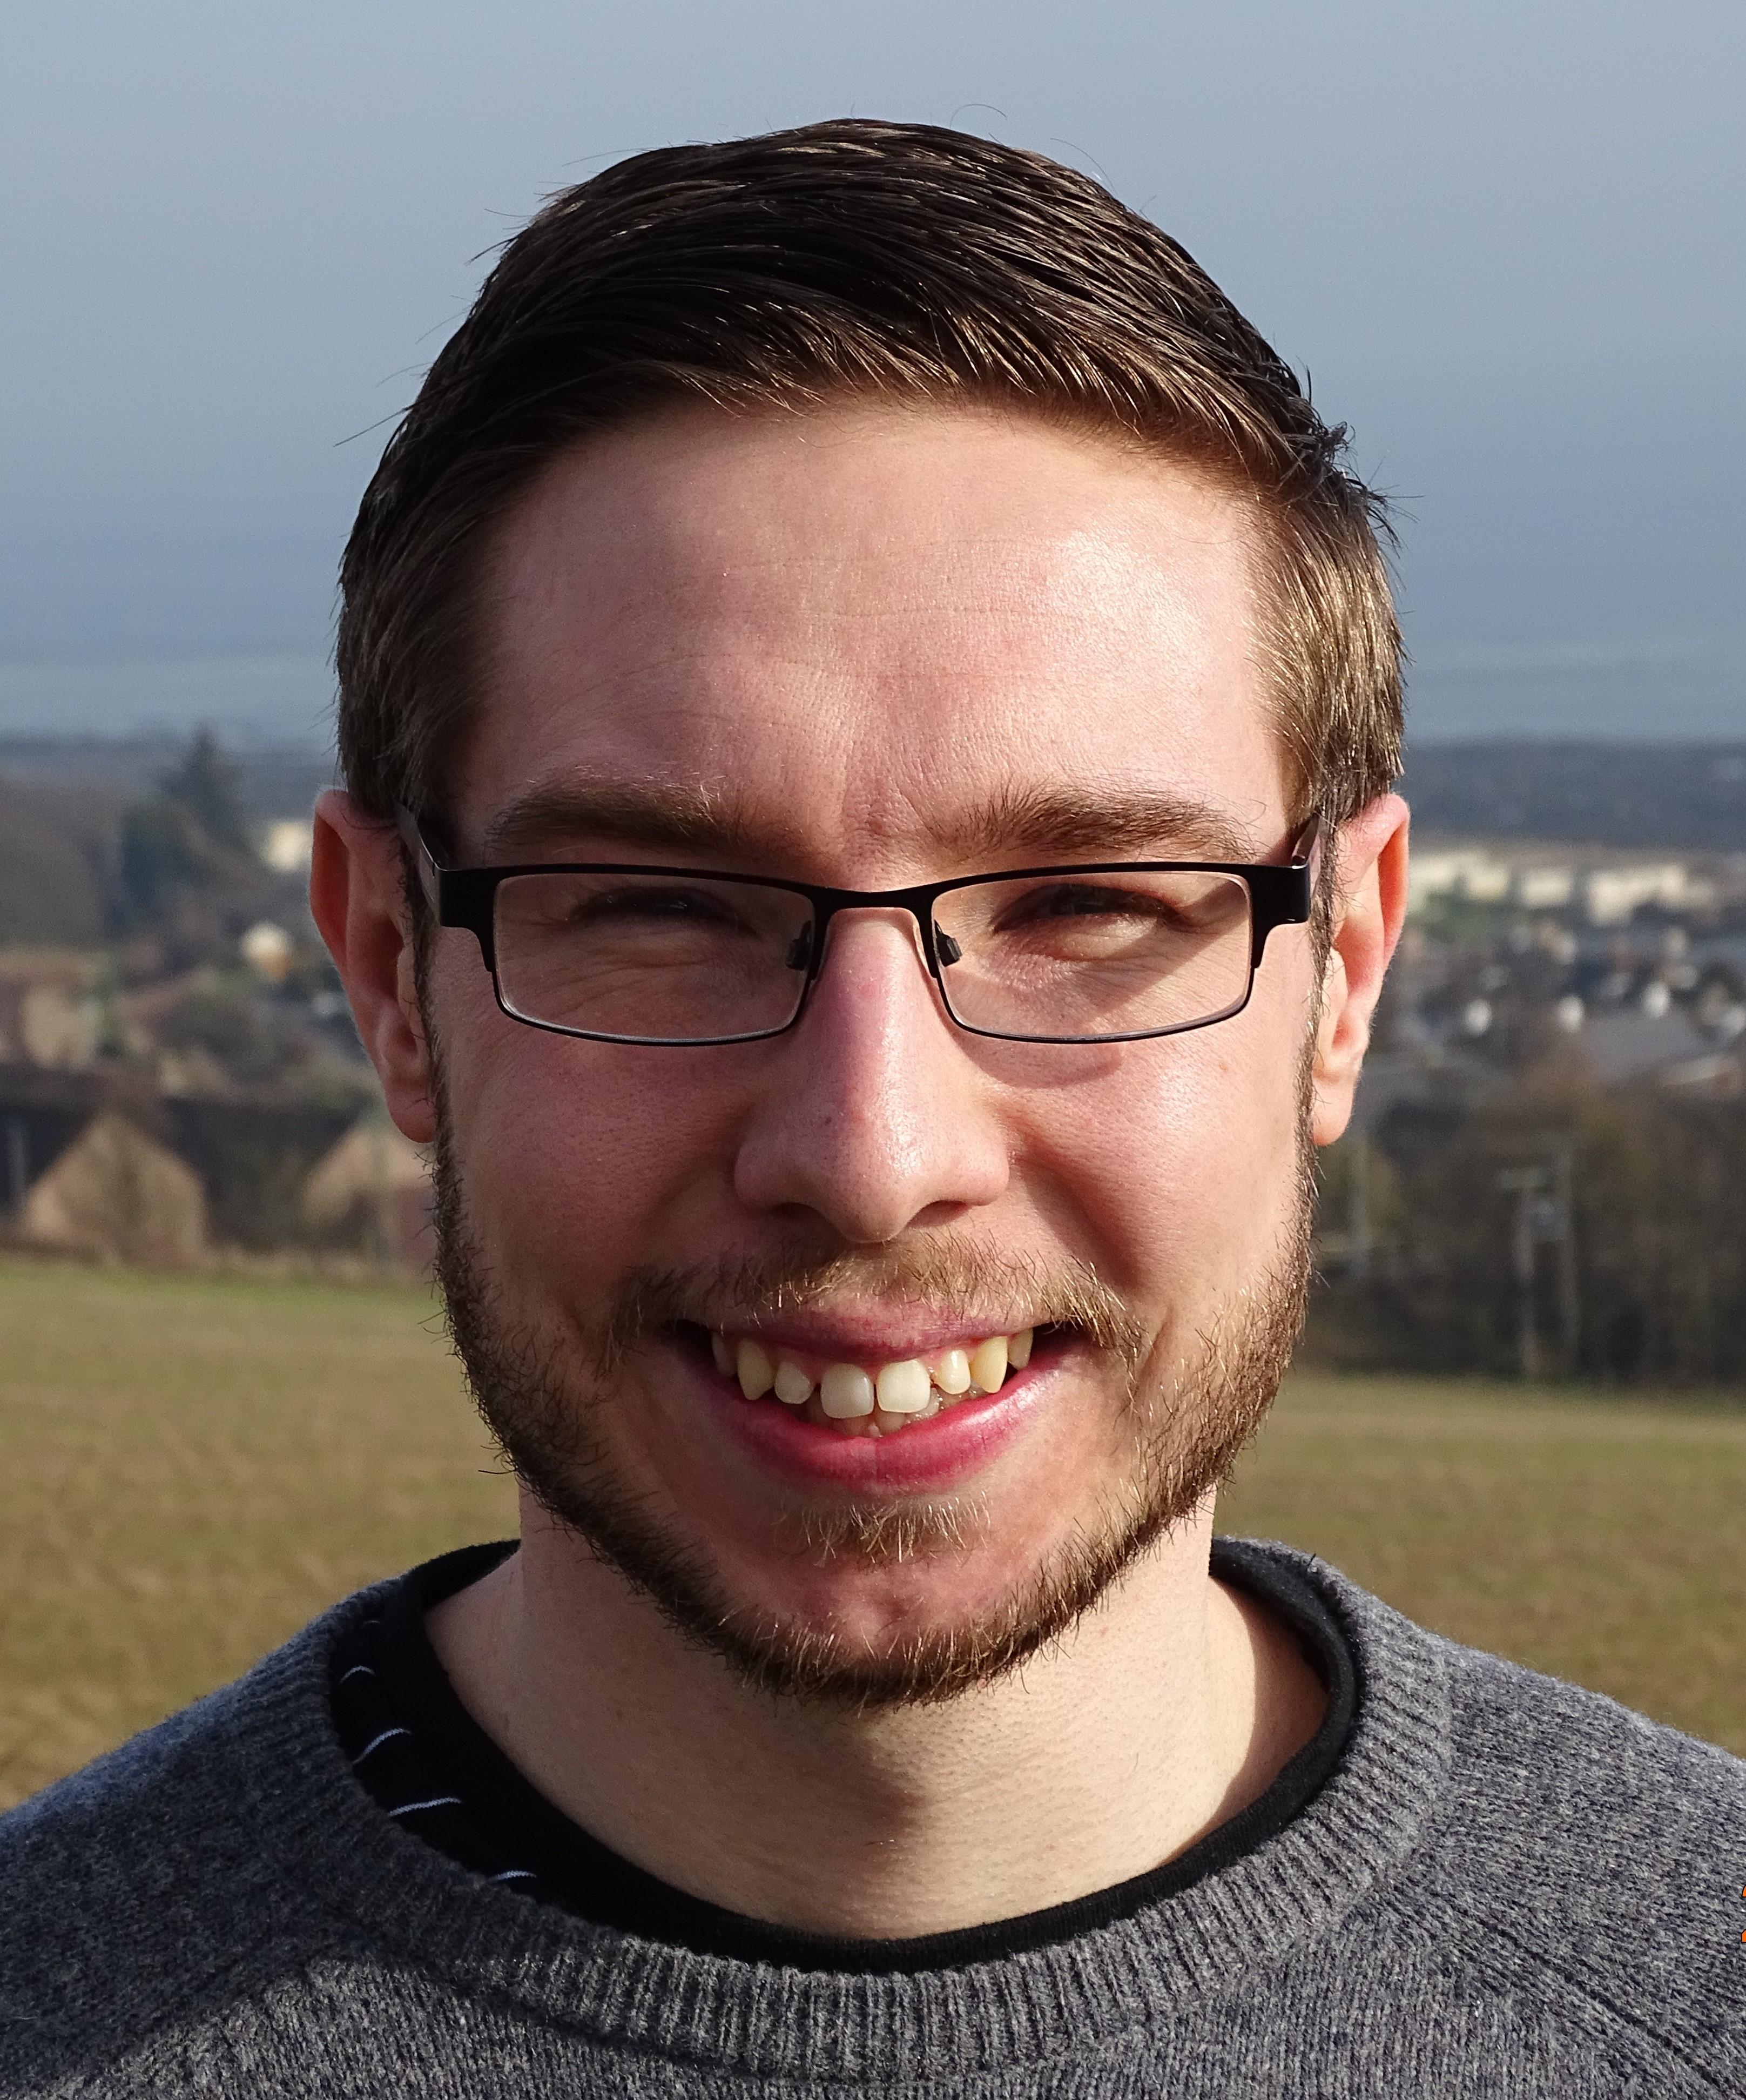 Rev Andrew Morrison